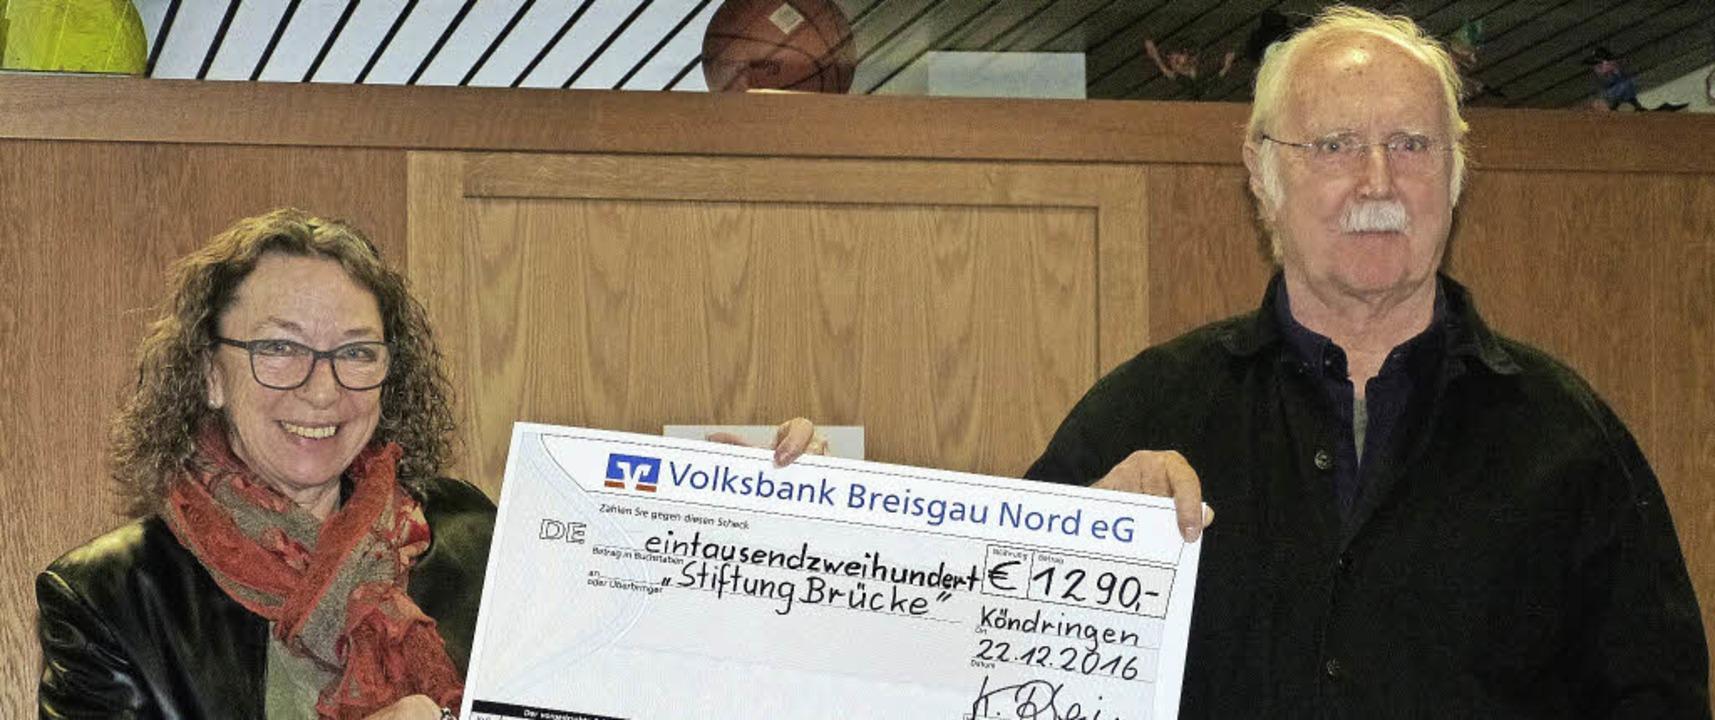 Spende Schule KöndringenKarin Rhein ko...eine Spende von 1290 Euro überreichen.  | Foto: Aribert Rüssel